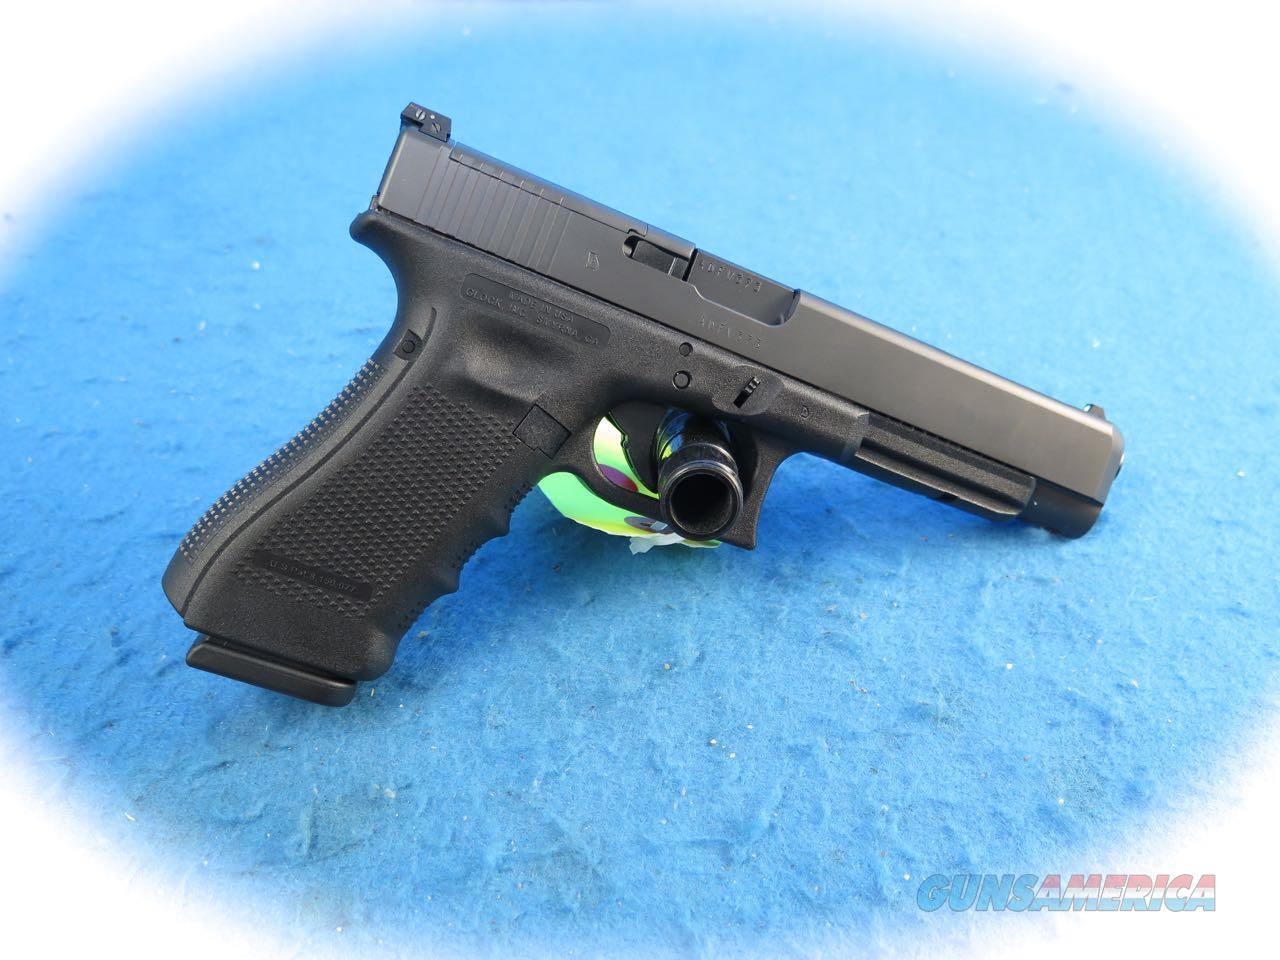 Glock Model 34 MOS Gen 4 9mm Pistol **New**  Guns > Pistols > Glock Pistols > 34